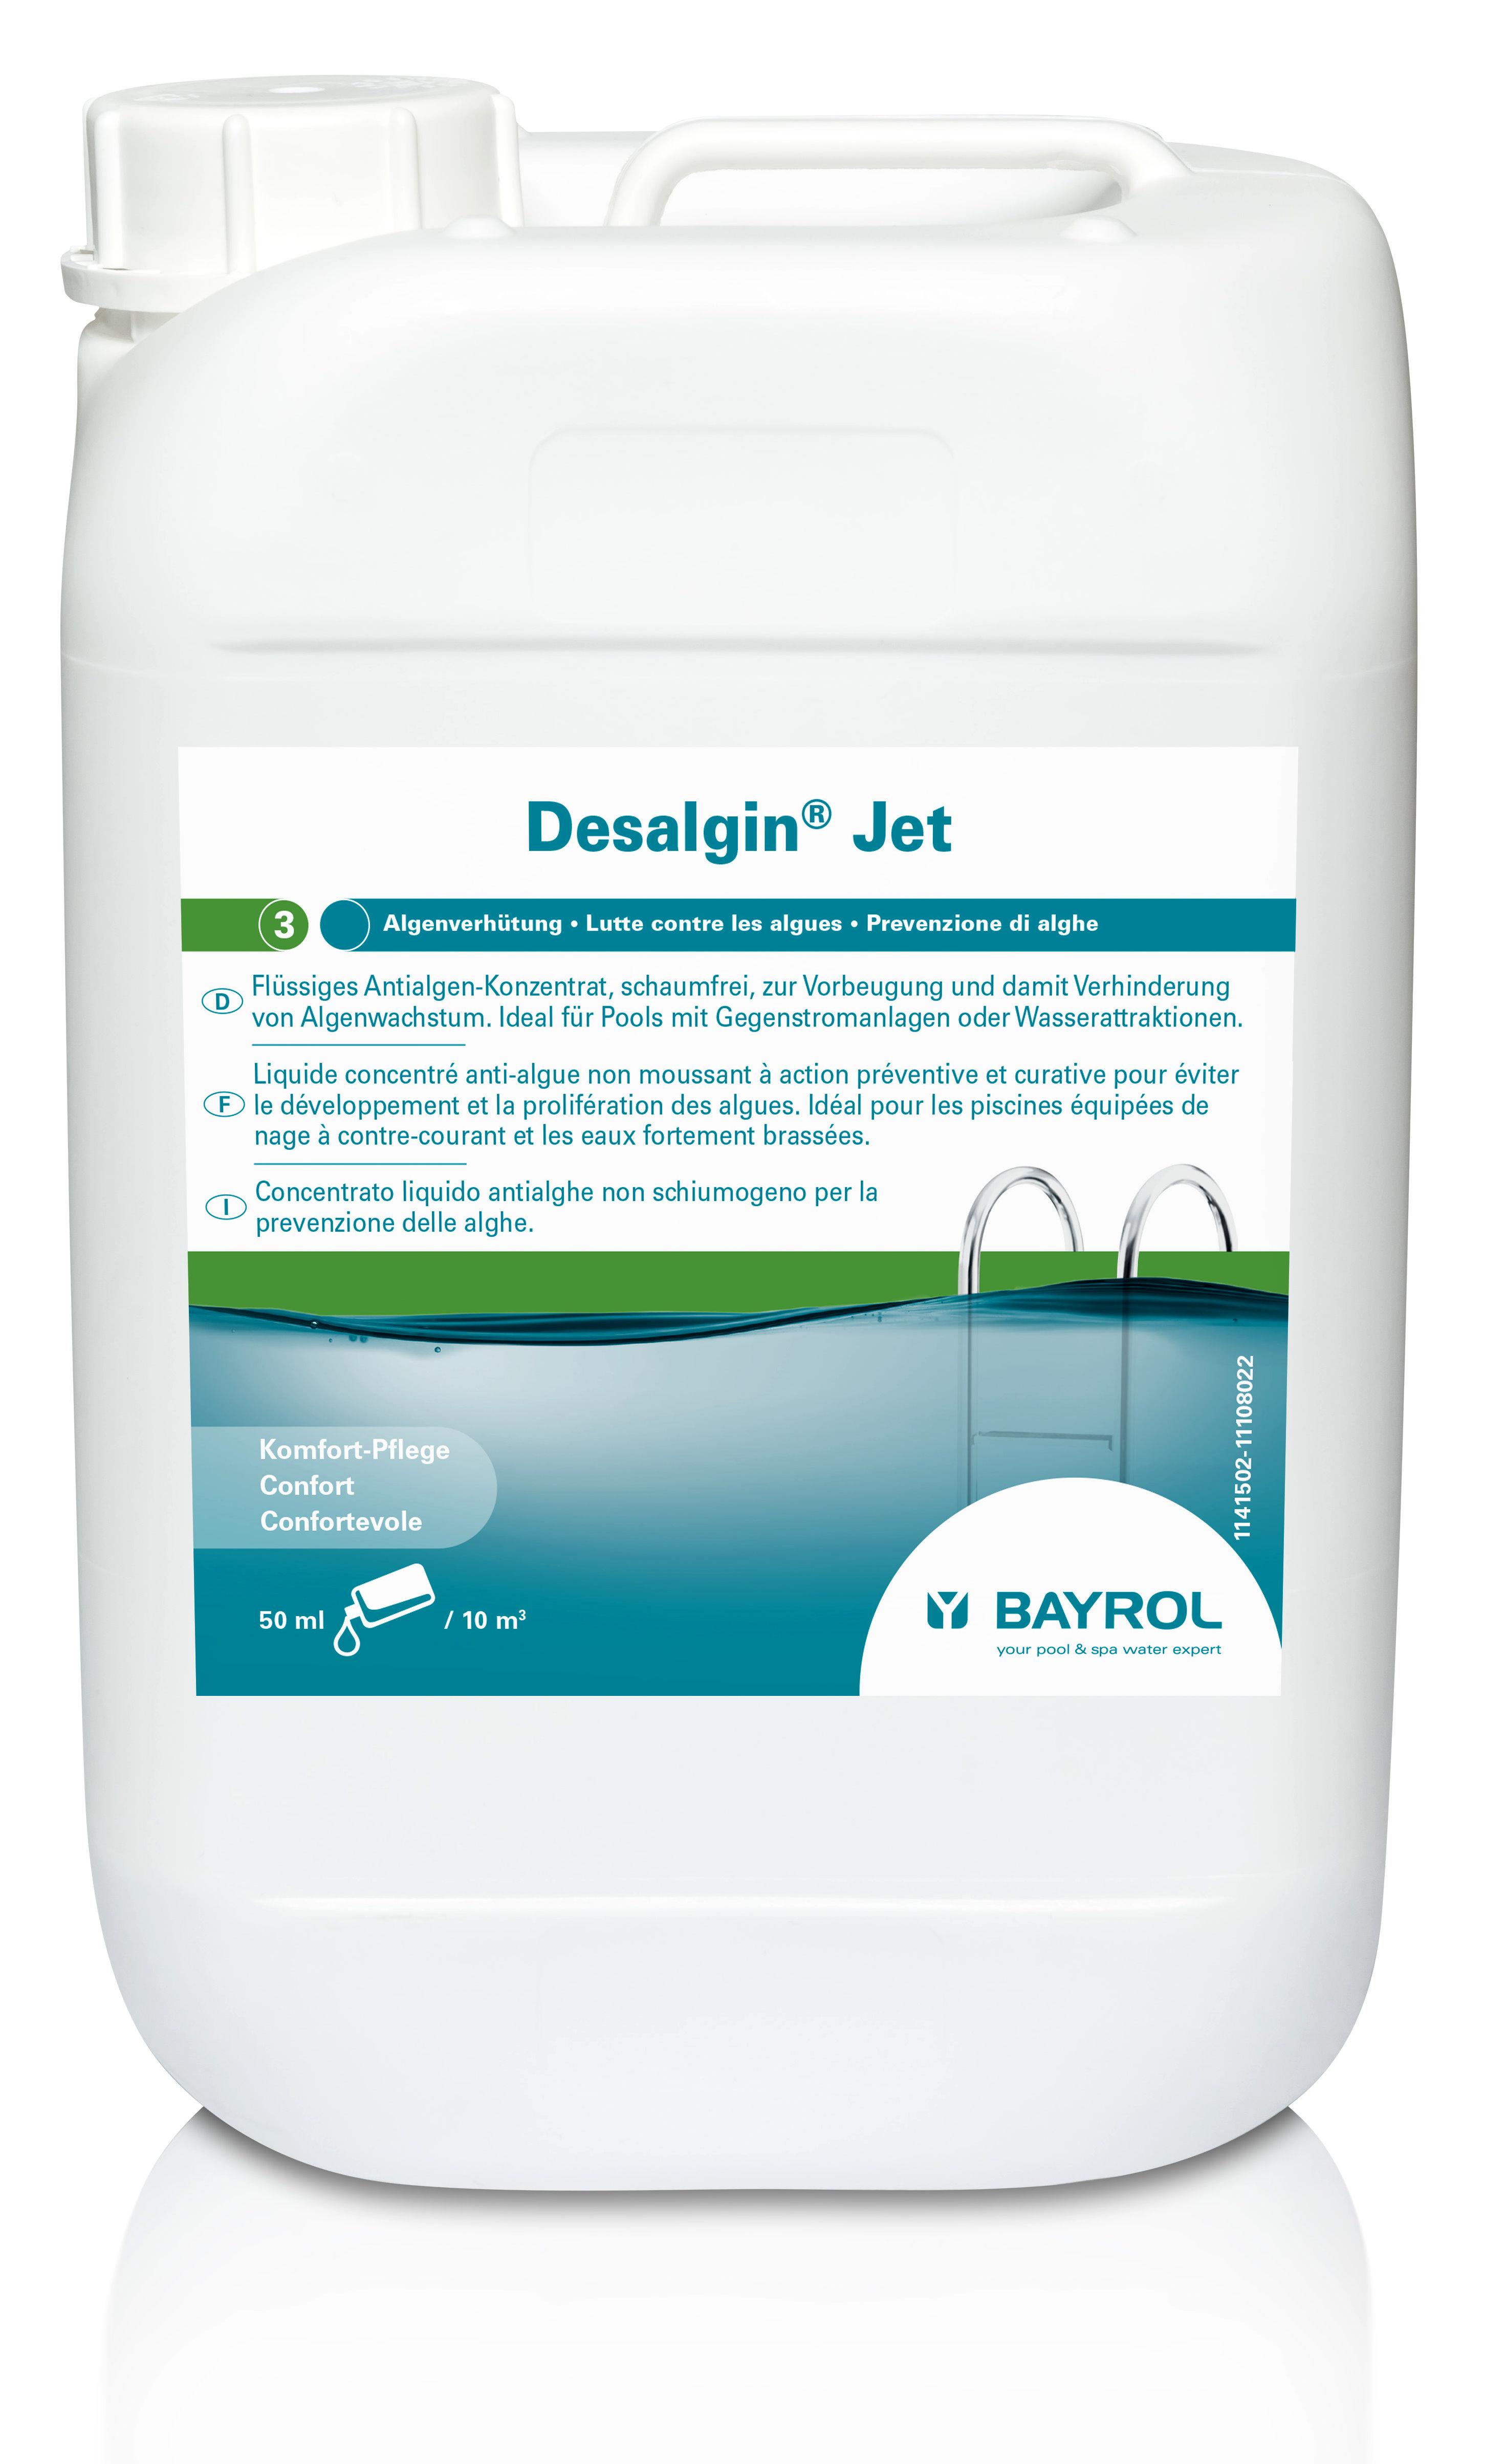 BAYROL Desalgin Jet 6 l